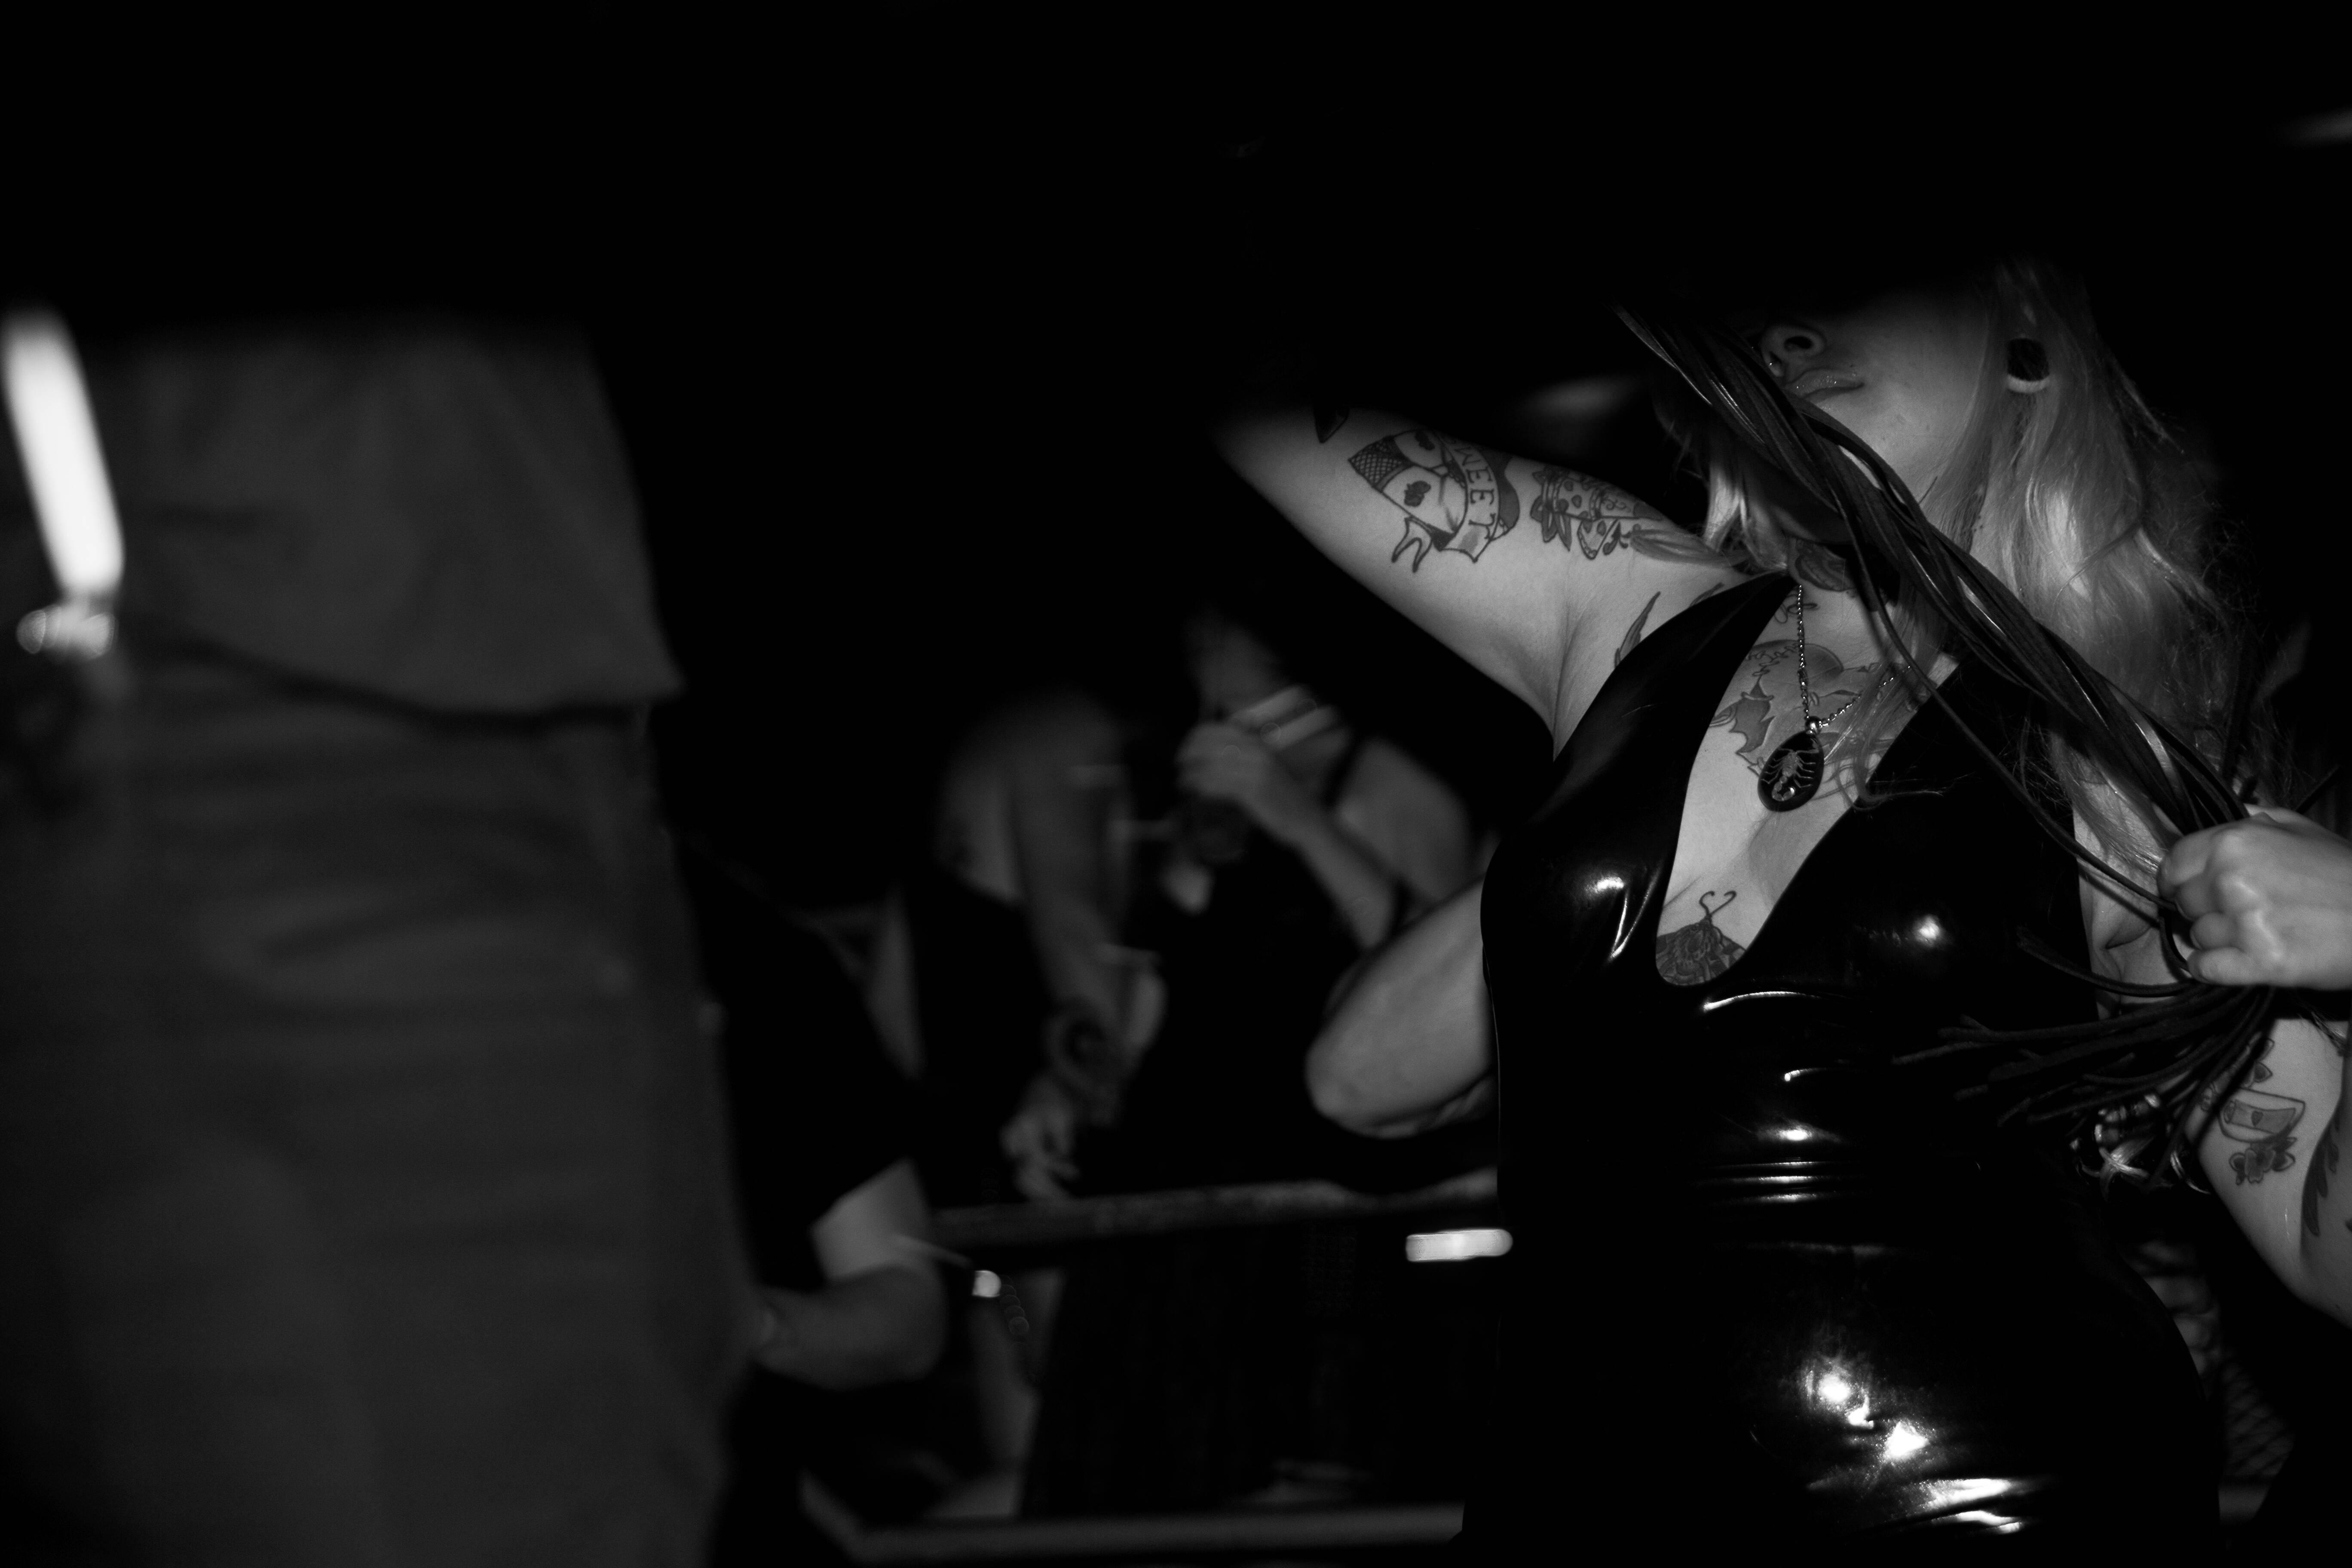 Sem sexo explícito durante o evento, o Projeto Luxúria explora as fantasias sexuais de cada pessoa, se apoiando nas brincadeiras, tecidos e utensílios especiais. Foto: Isa Hansen